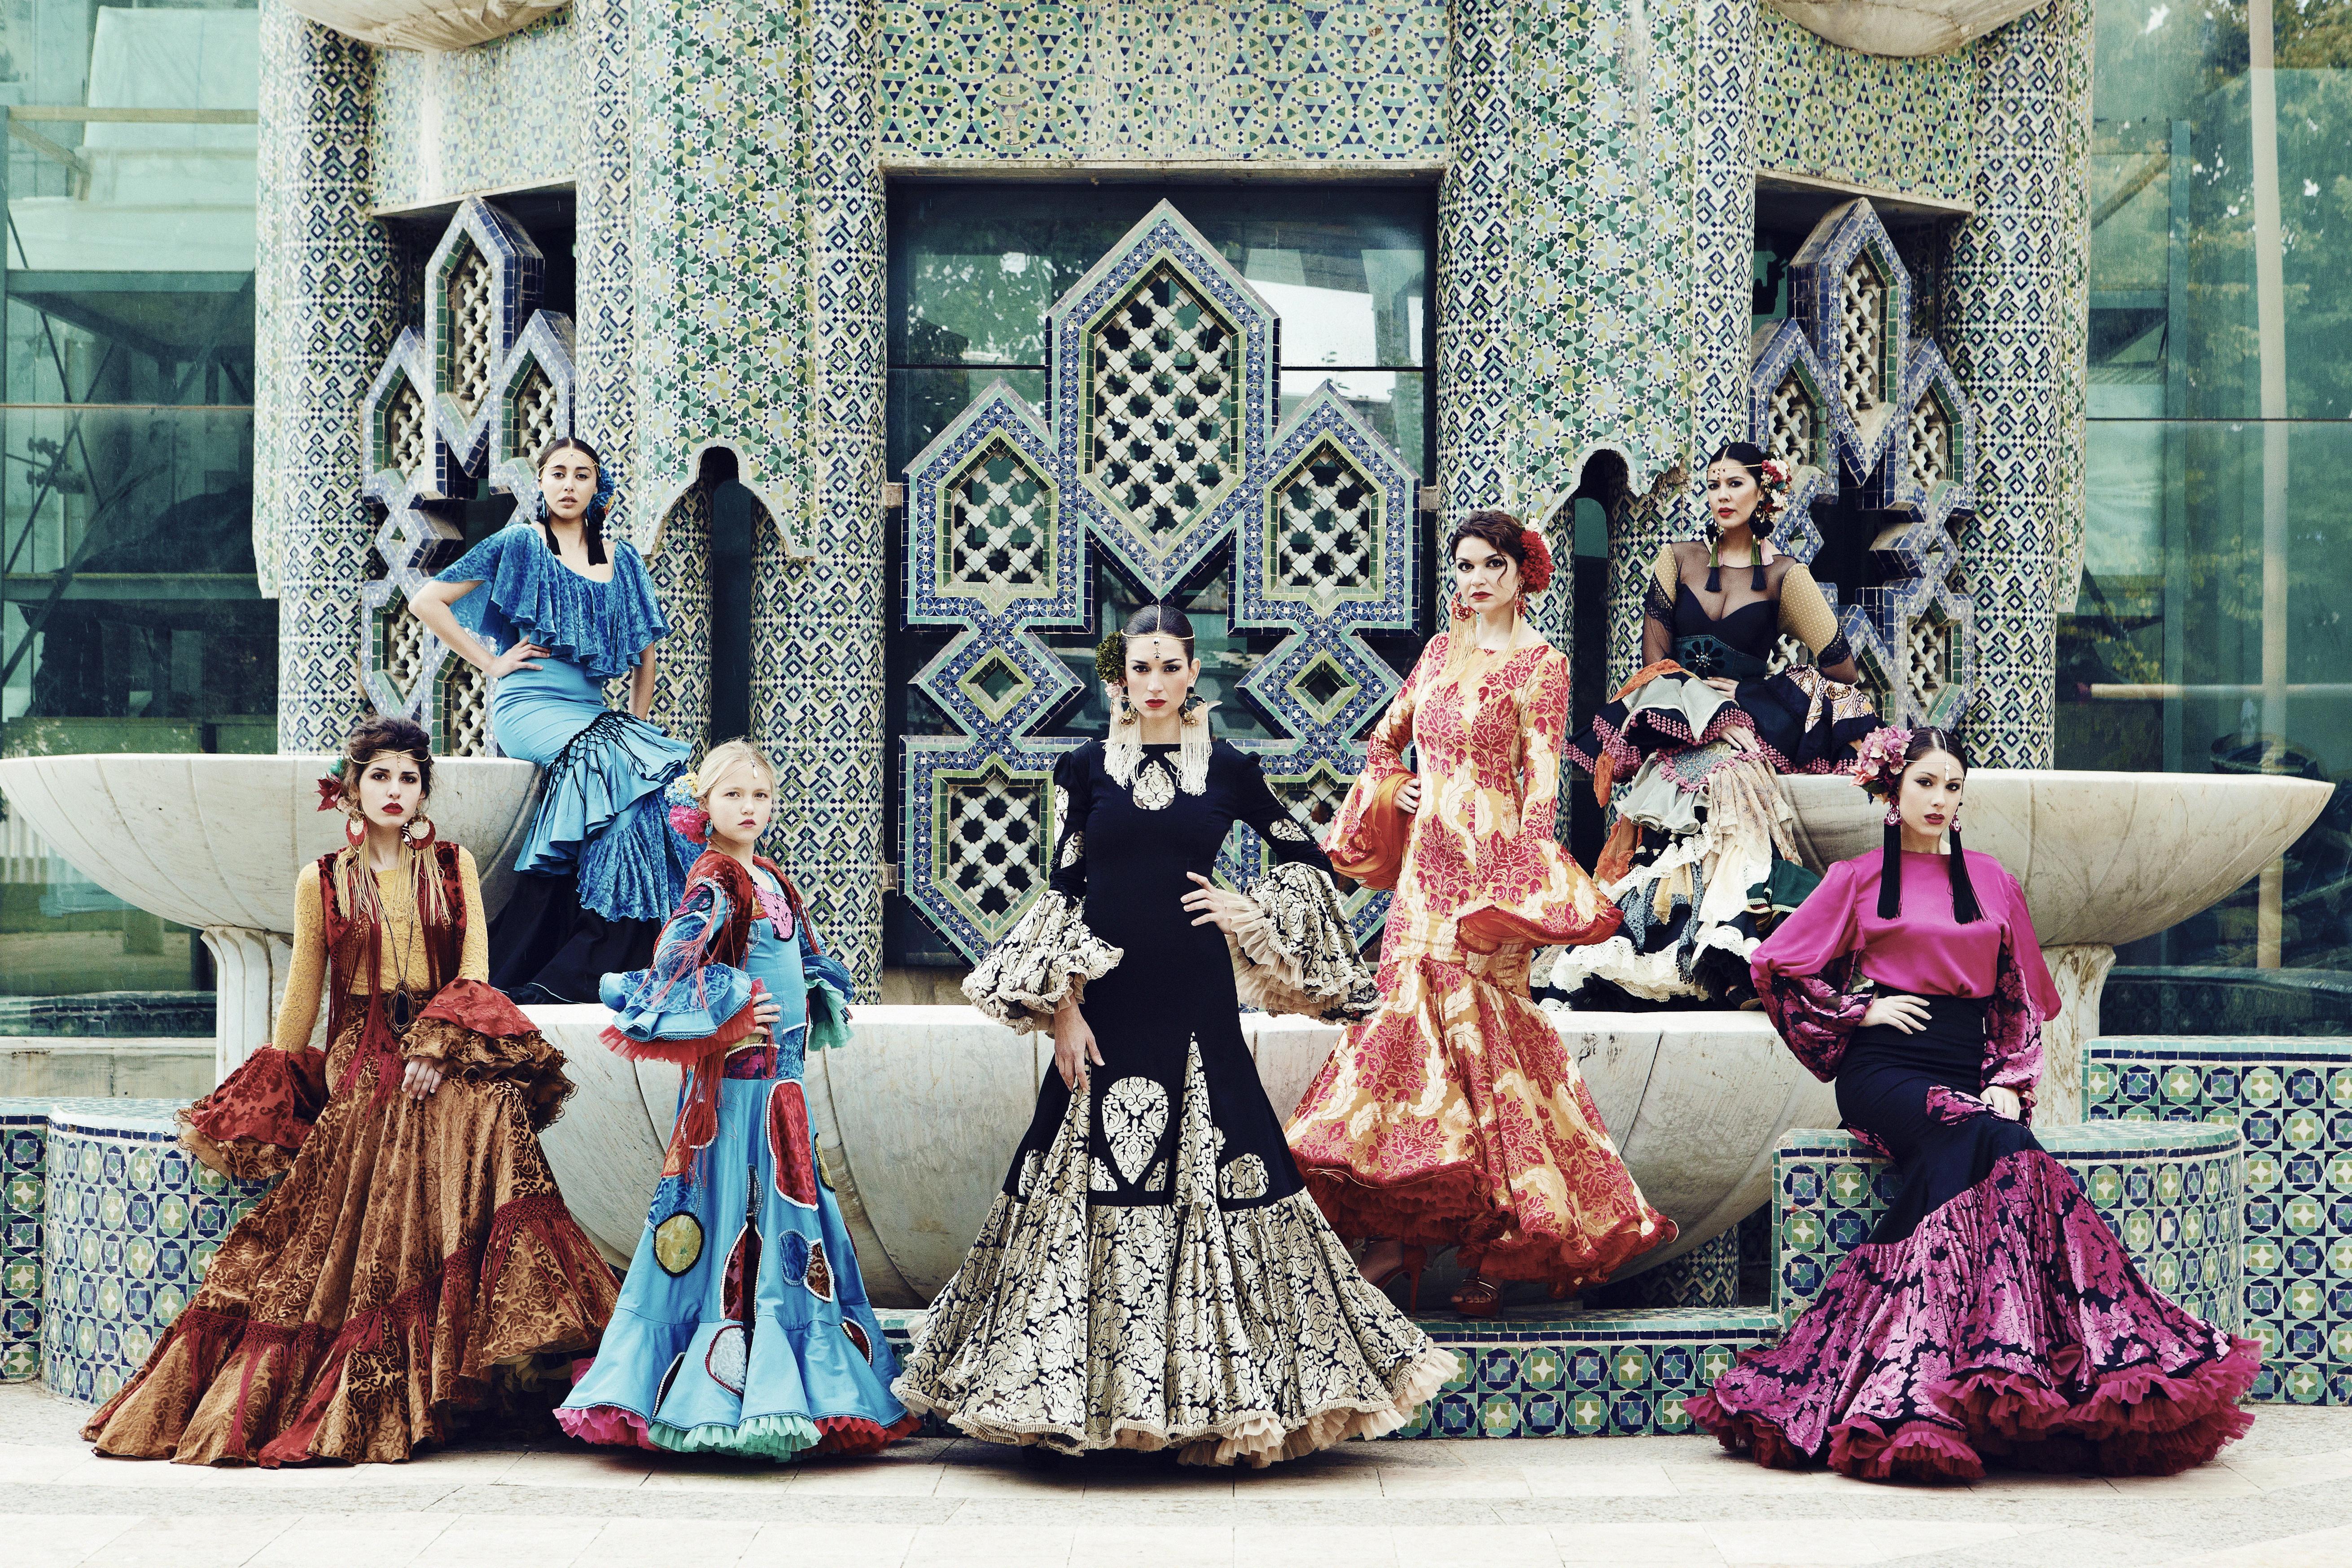 Tienda artesanal de moda flamenca.